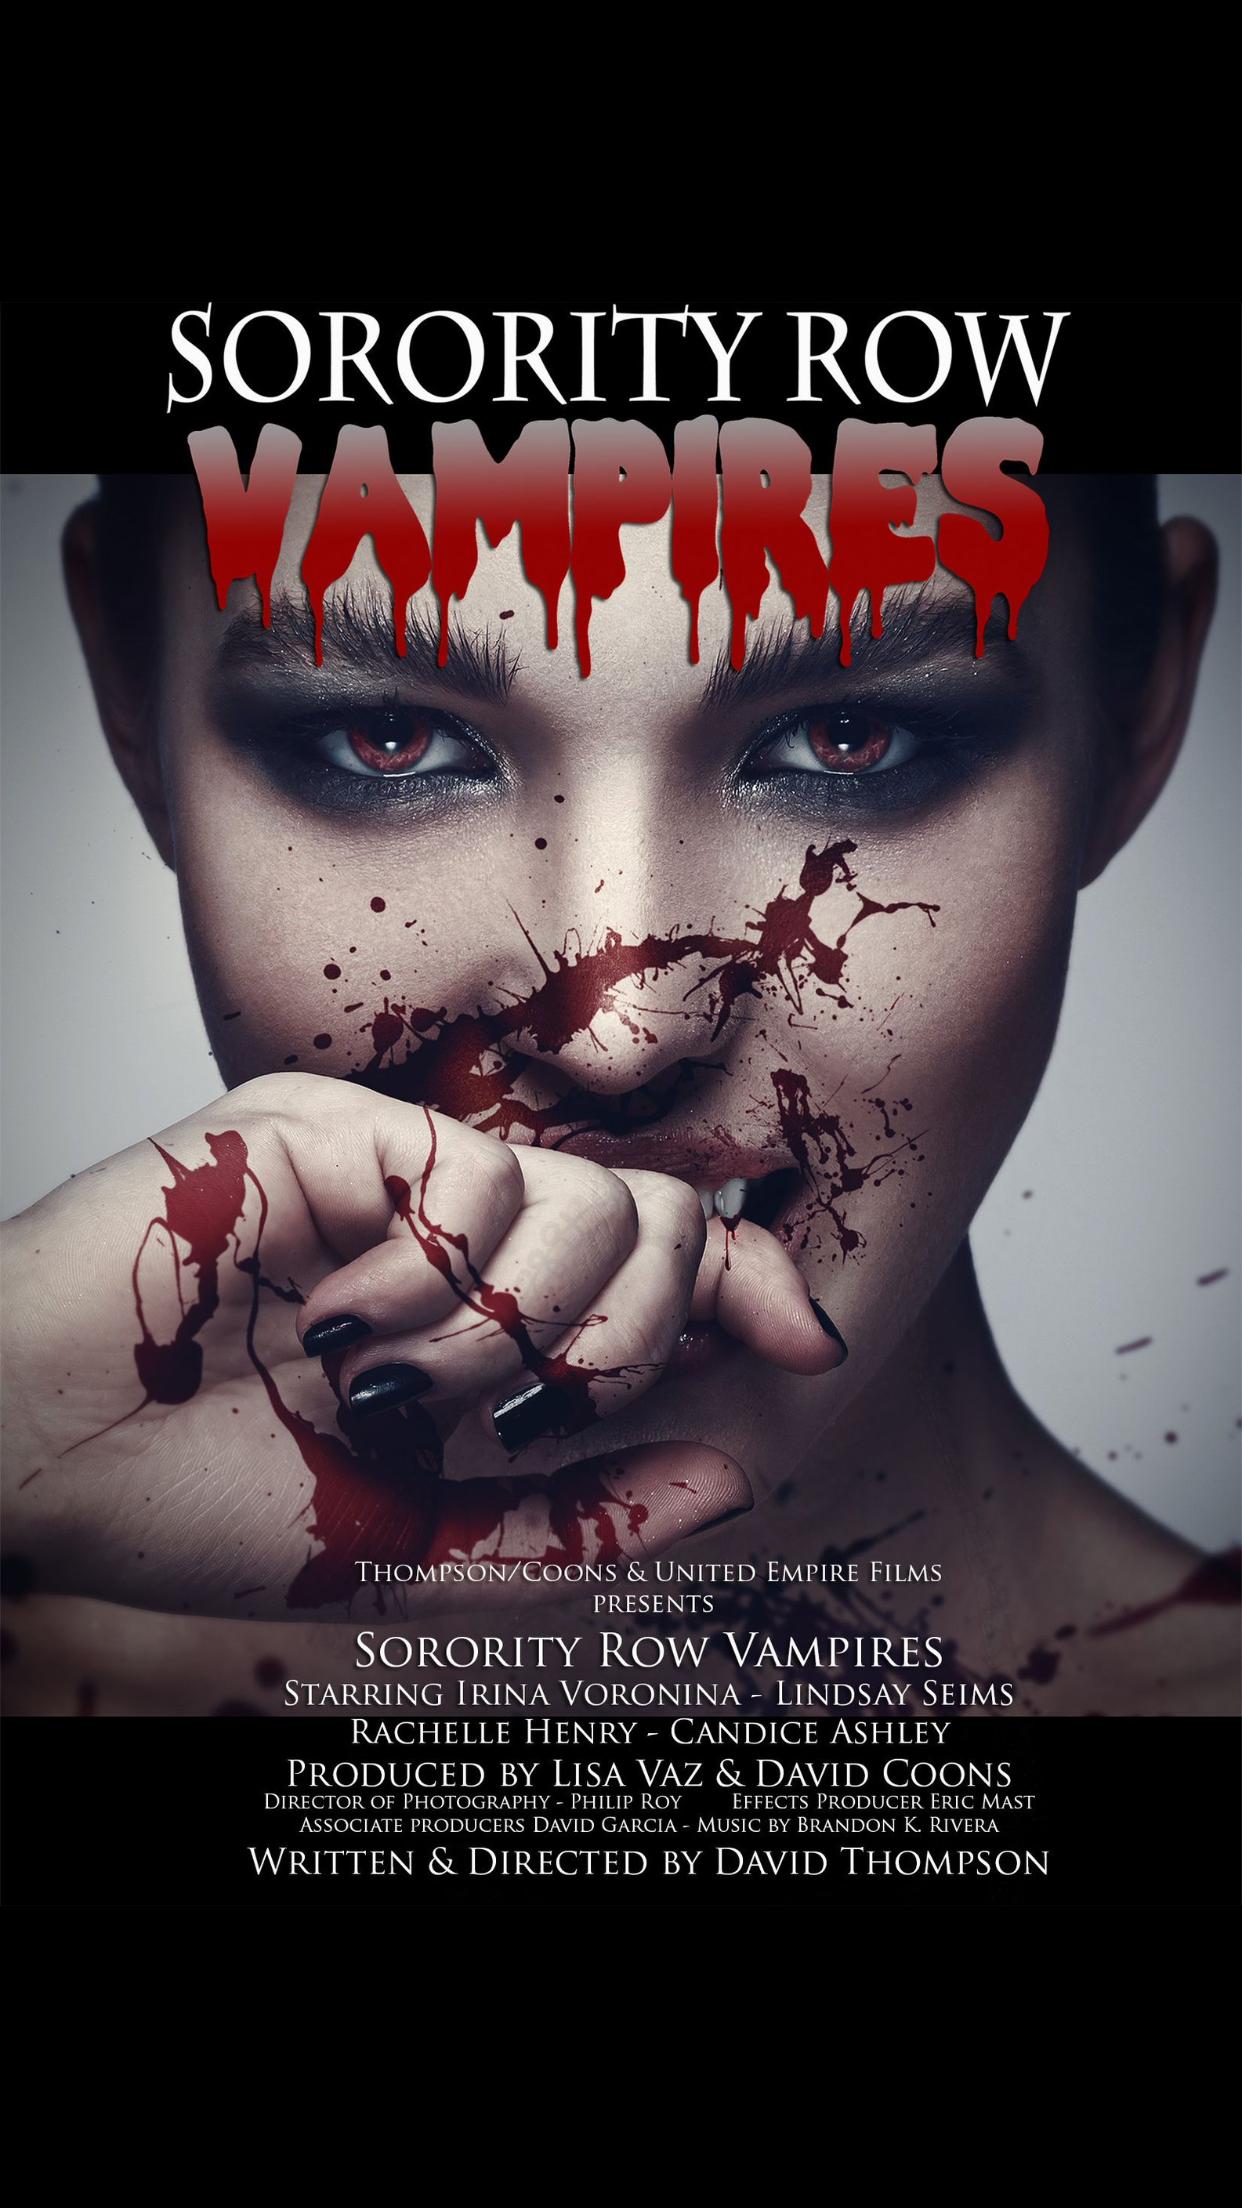 Sorority Row Vampires